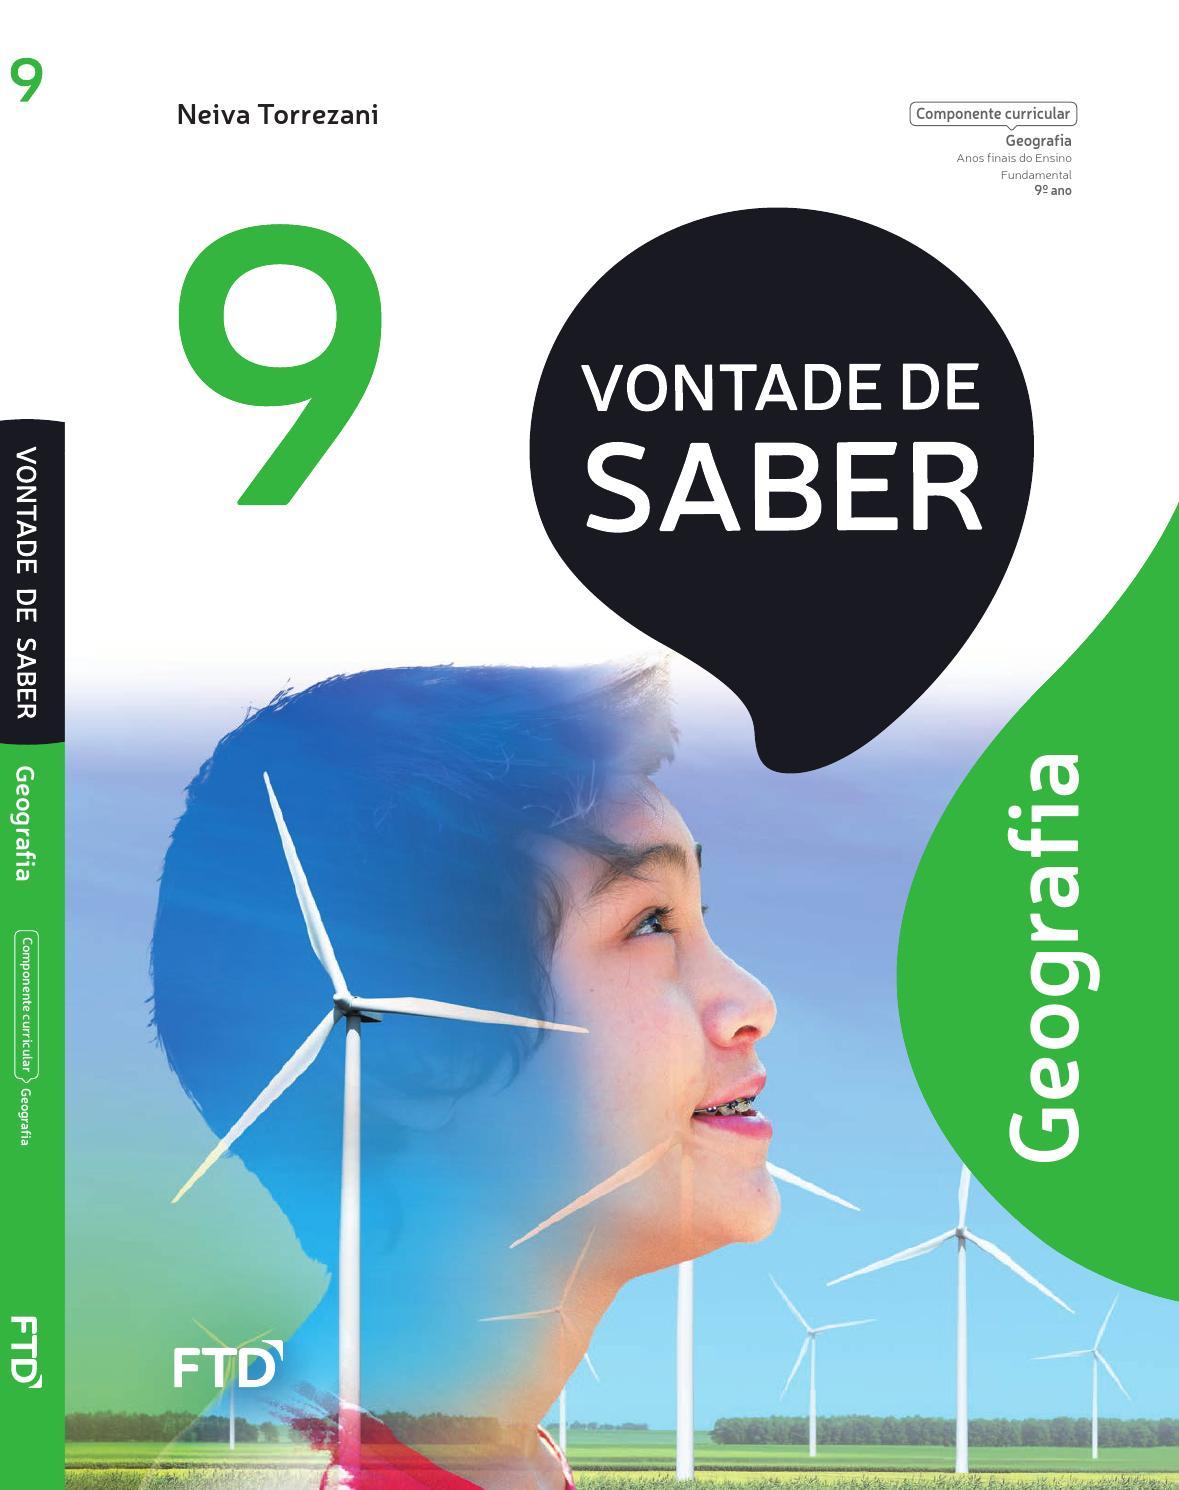 Vontade saber geo 9 by Editora FTD - Issuu